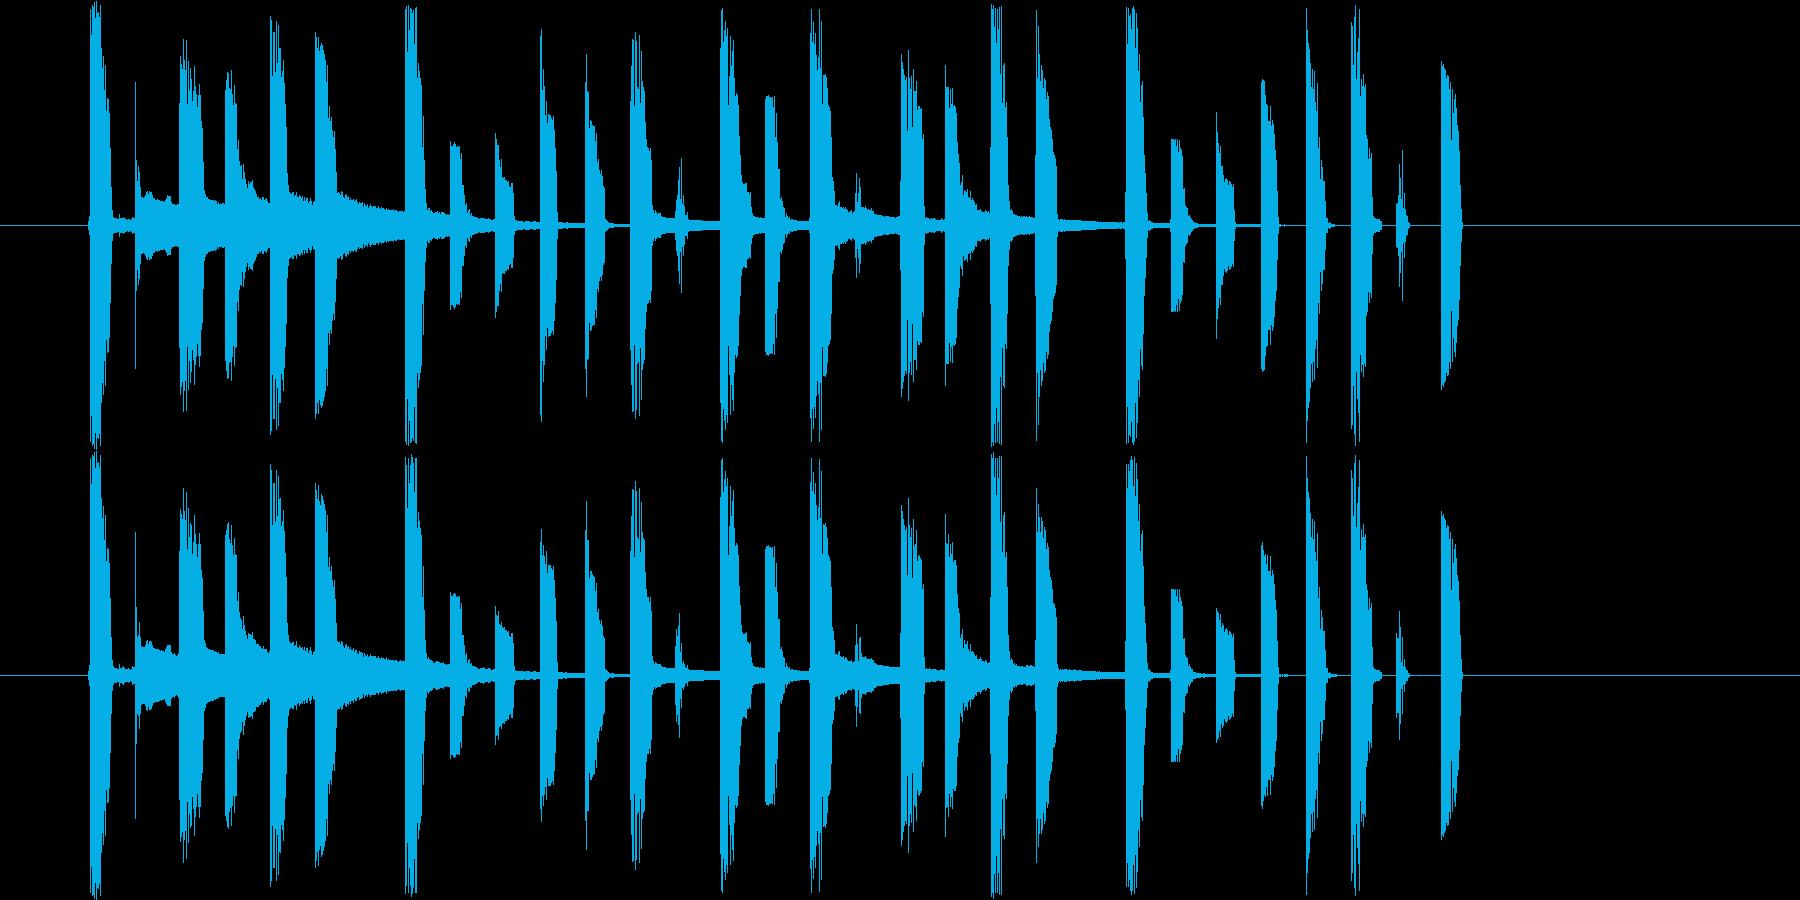 ファミコン風のかわいらしいジングルの再生済みの波形